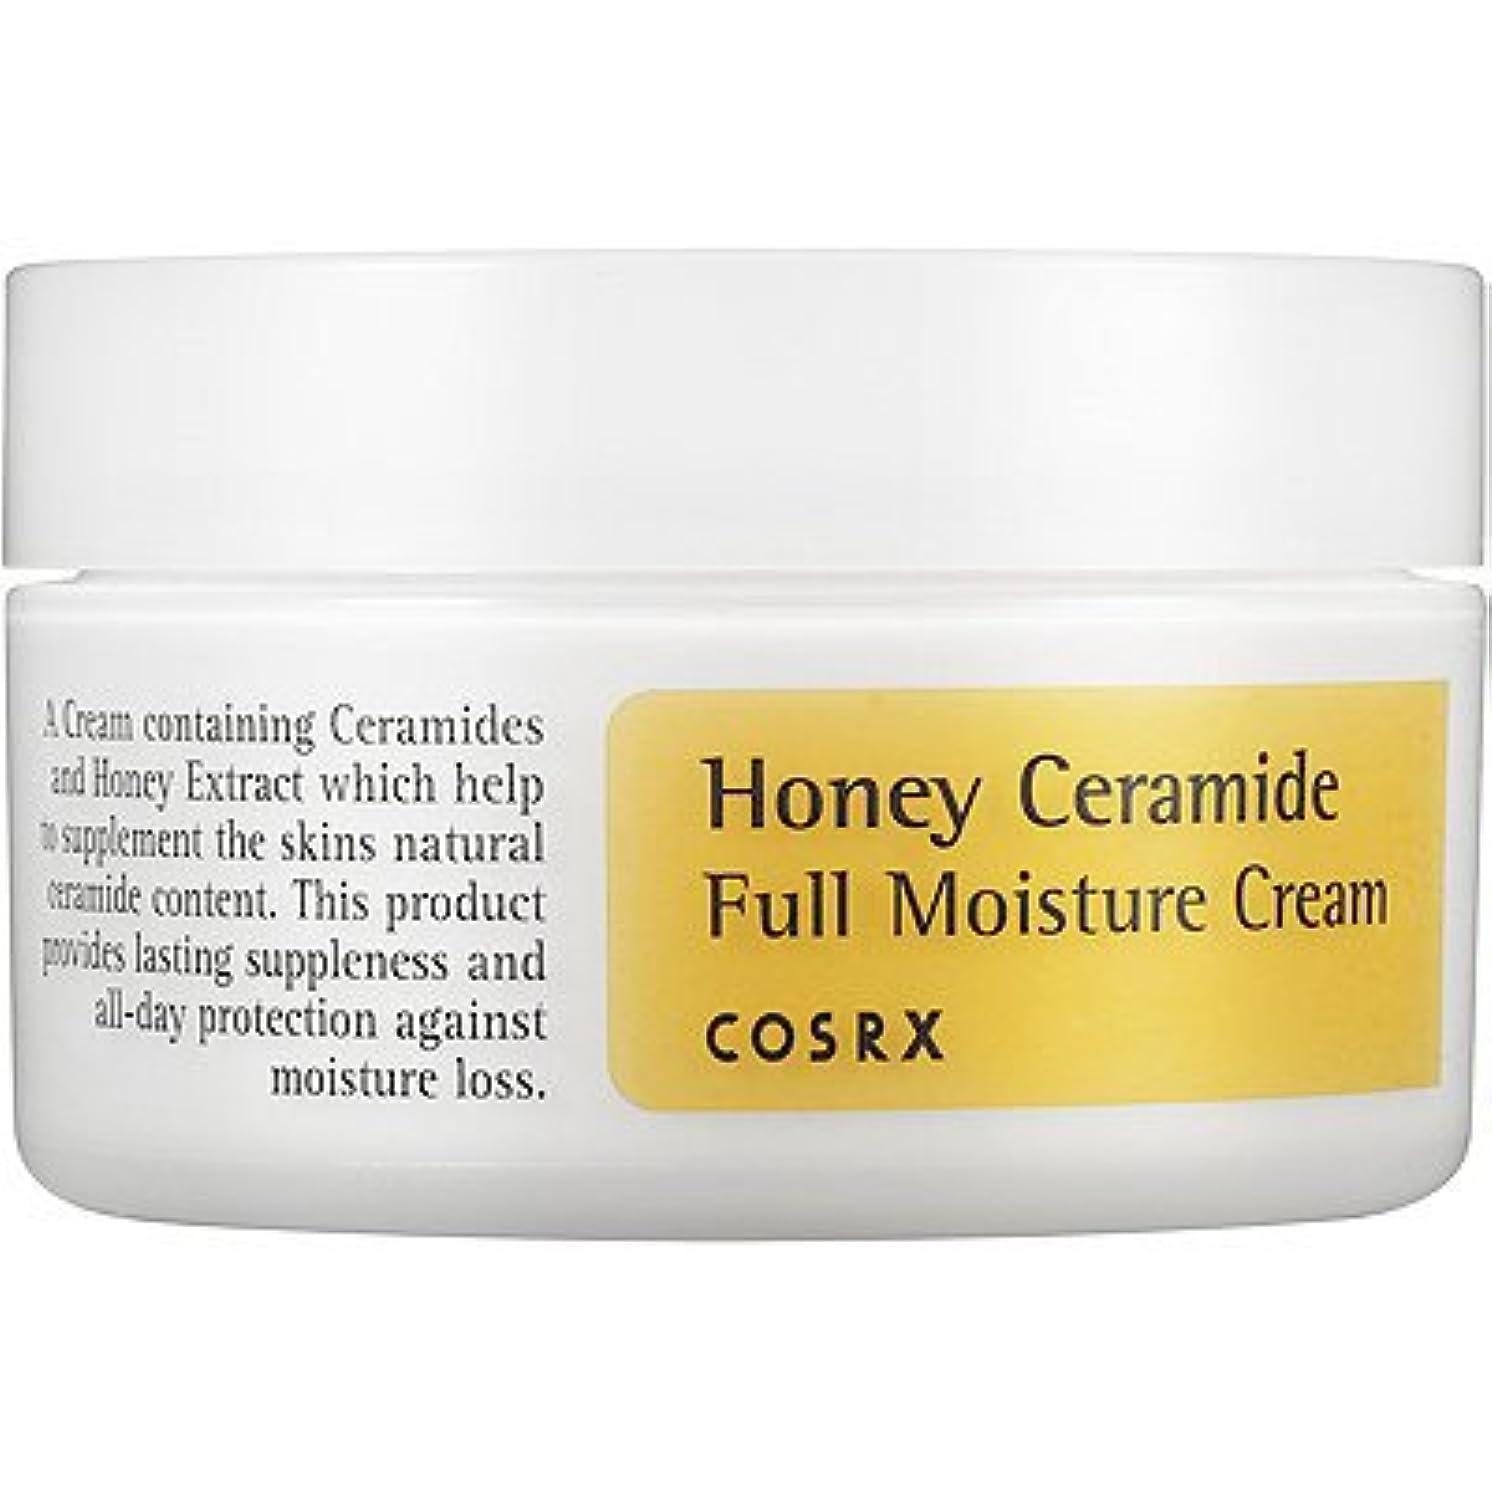 富ルーフ着服COSRX Honey Ceramide Full Moisture Cream 50g/ハニーセラミド フル モイスチャークリーム -50g [並行輸入品]